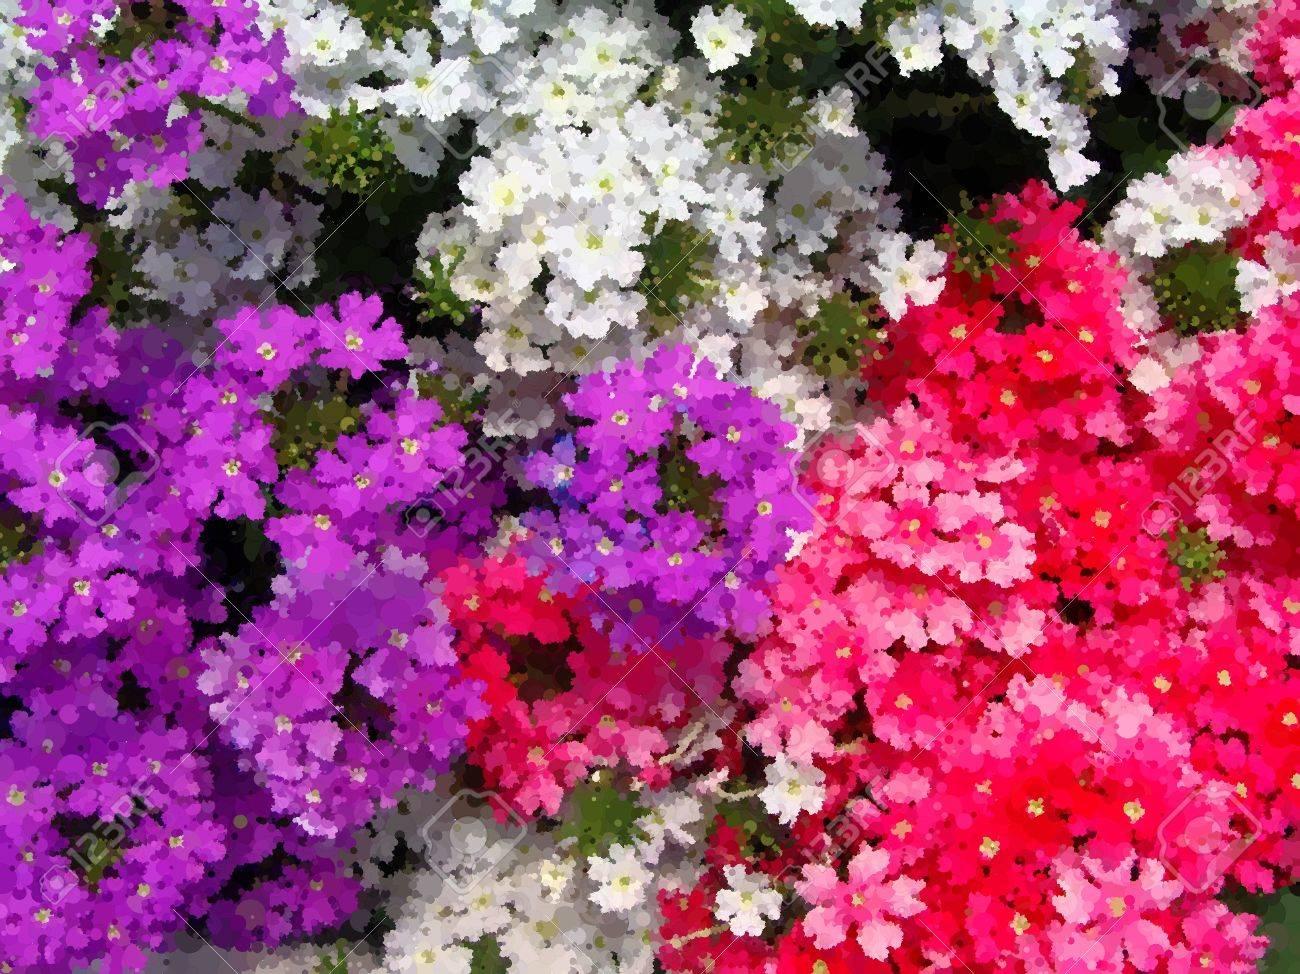 foto de archivo inicio diversas flores en macetas disear patios italianos alrededor de la casa el efecto de la pintura al leo